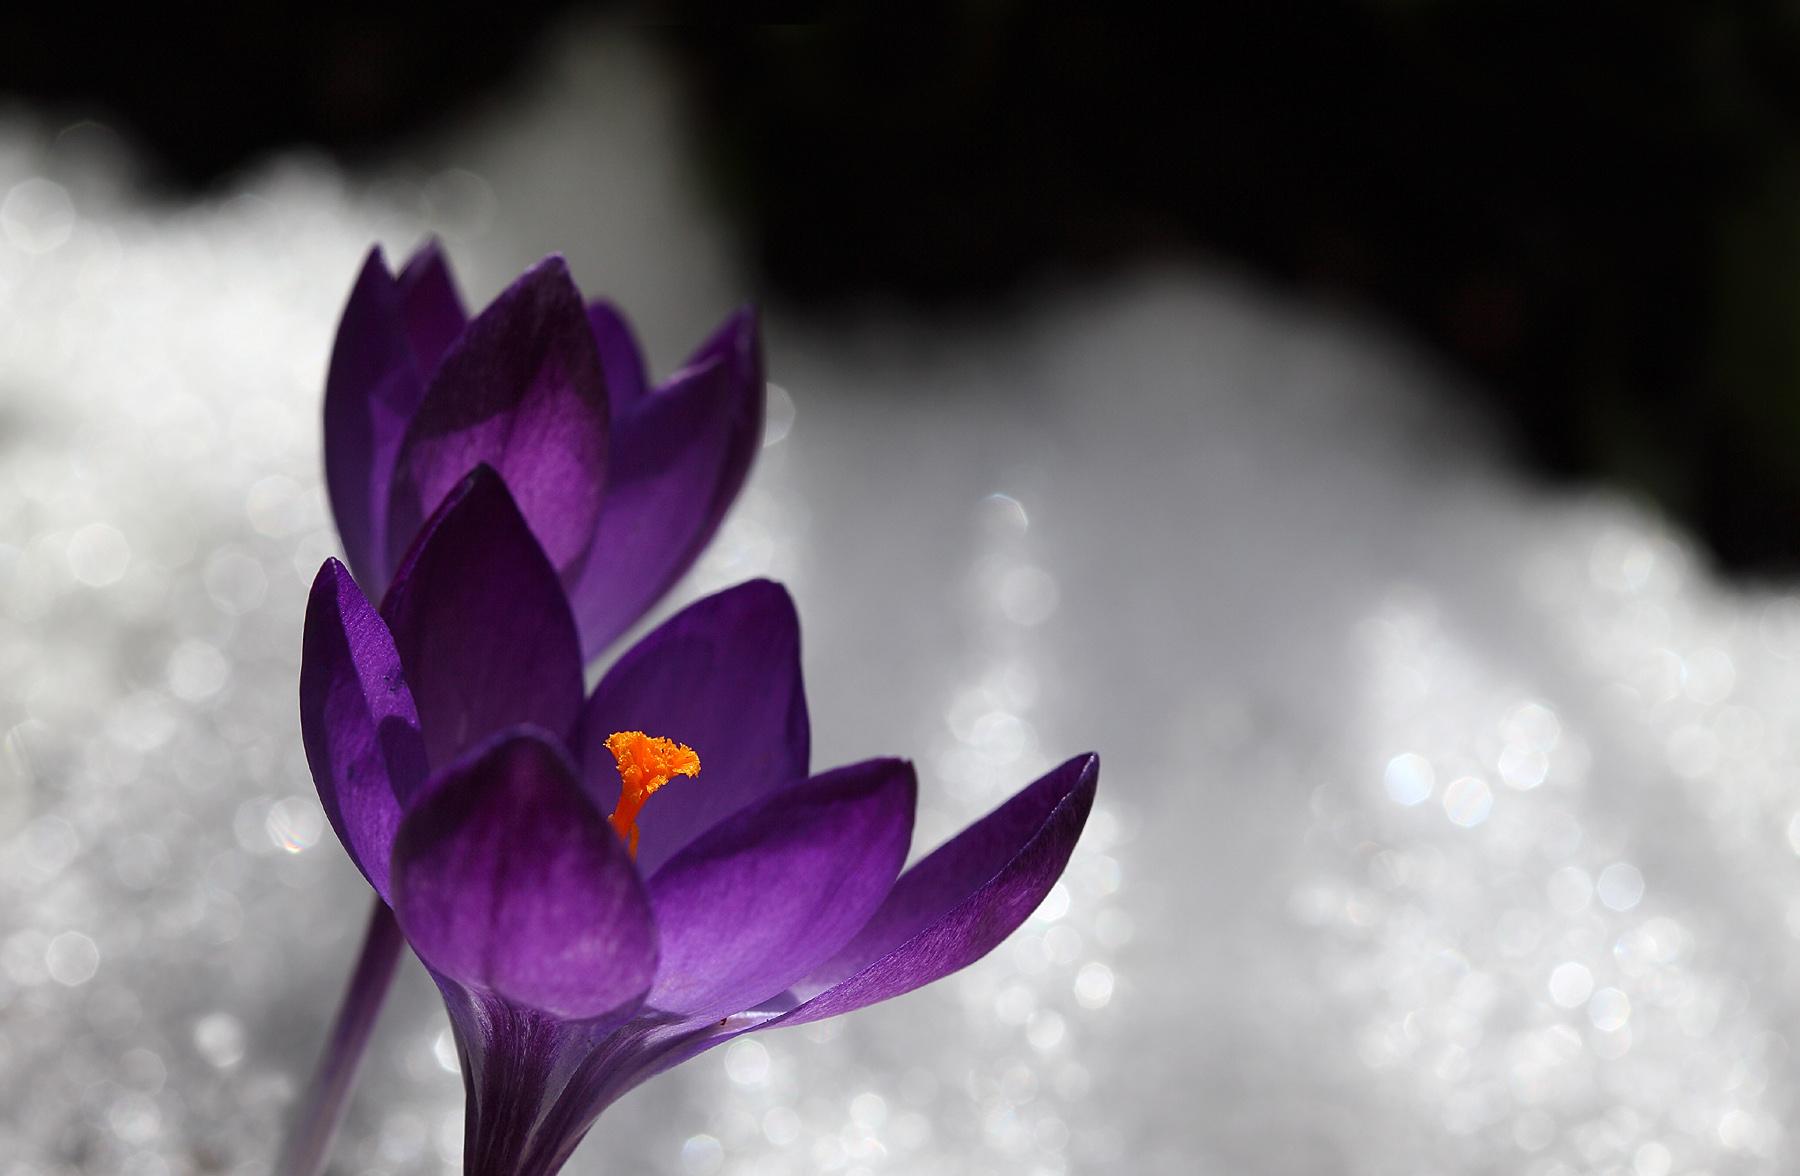 Berühmt Hintergrundbilder : Blumen, Schnee, Pflanzen, Makro, Blumen #FQ_25